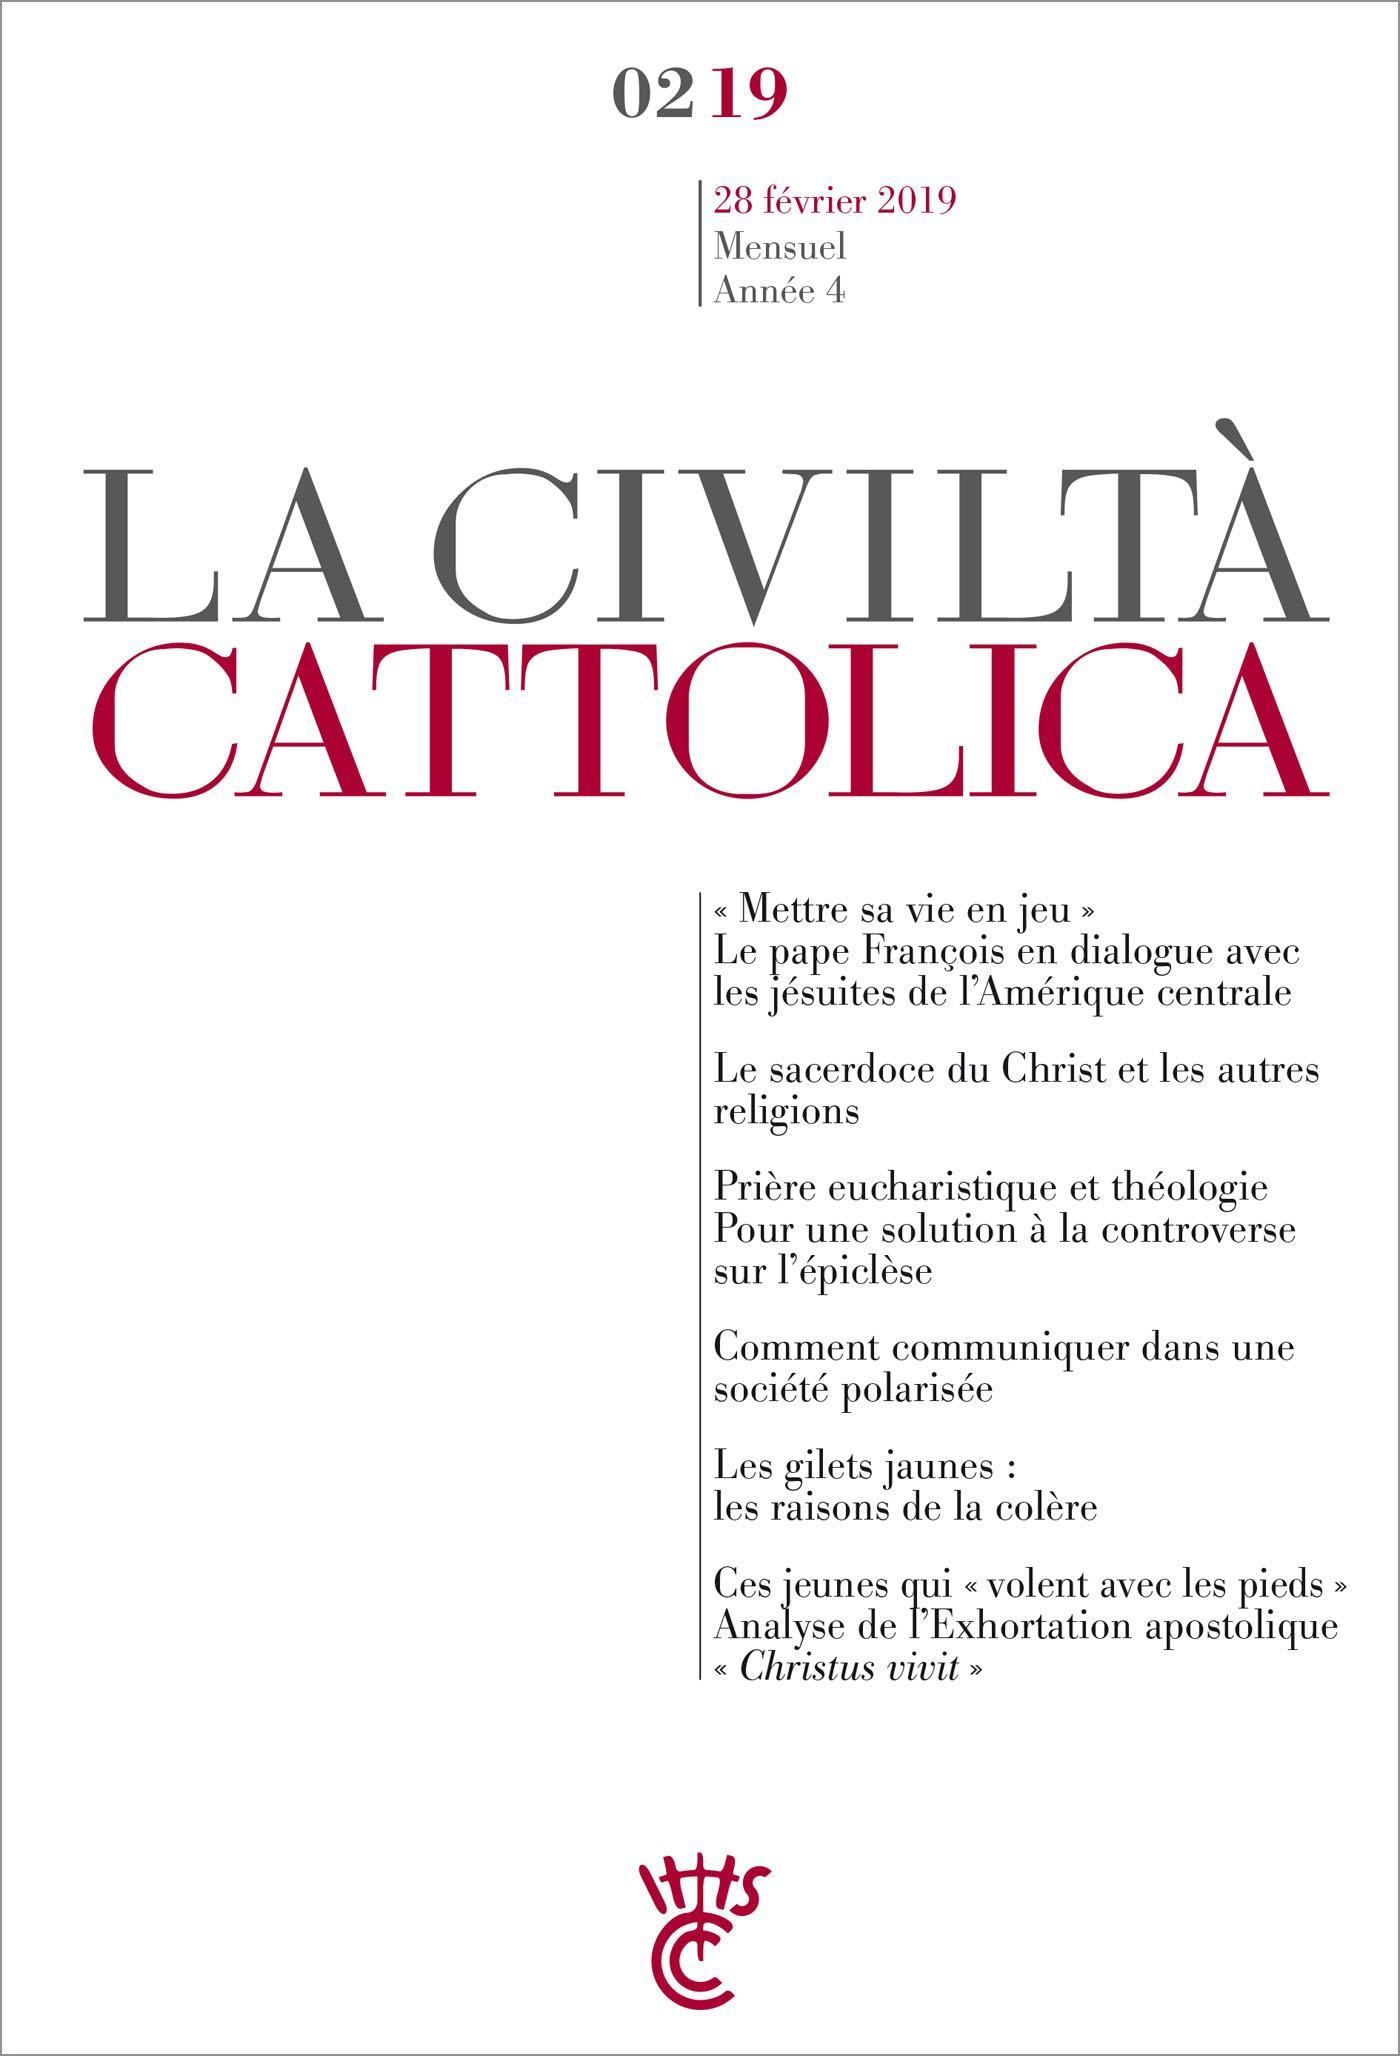 LA CIVILTA CATTOLICA - FEVRIER 2019